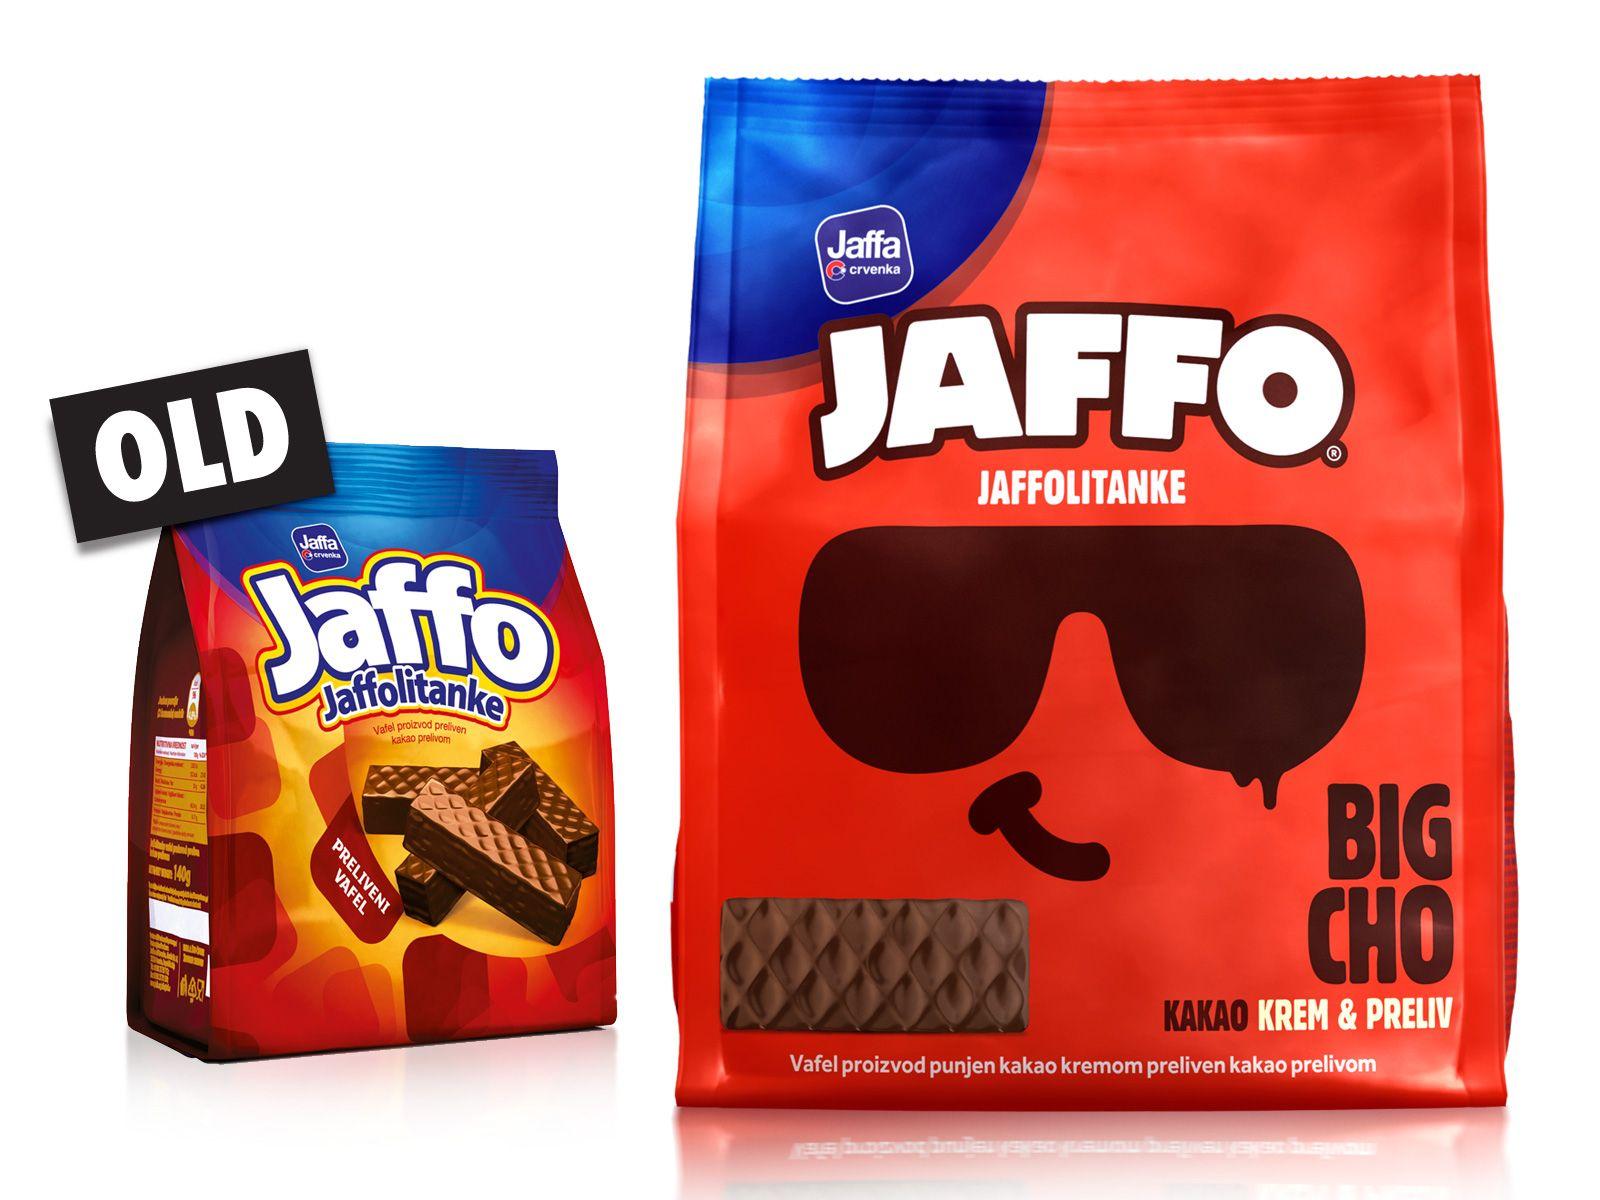 jaffo-old-vs-new